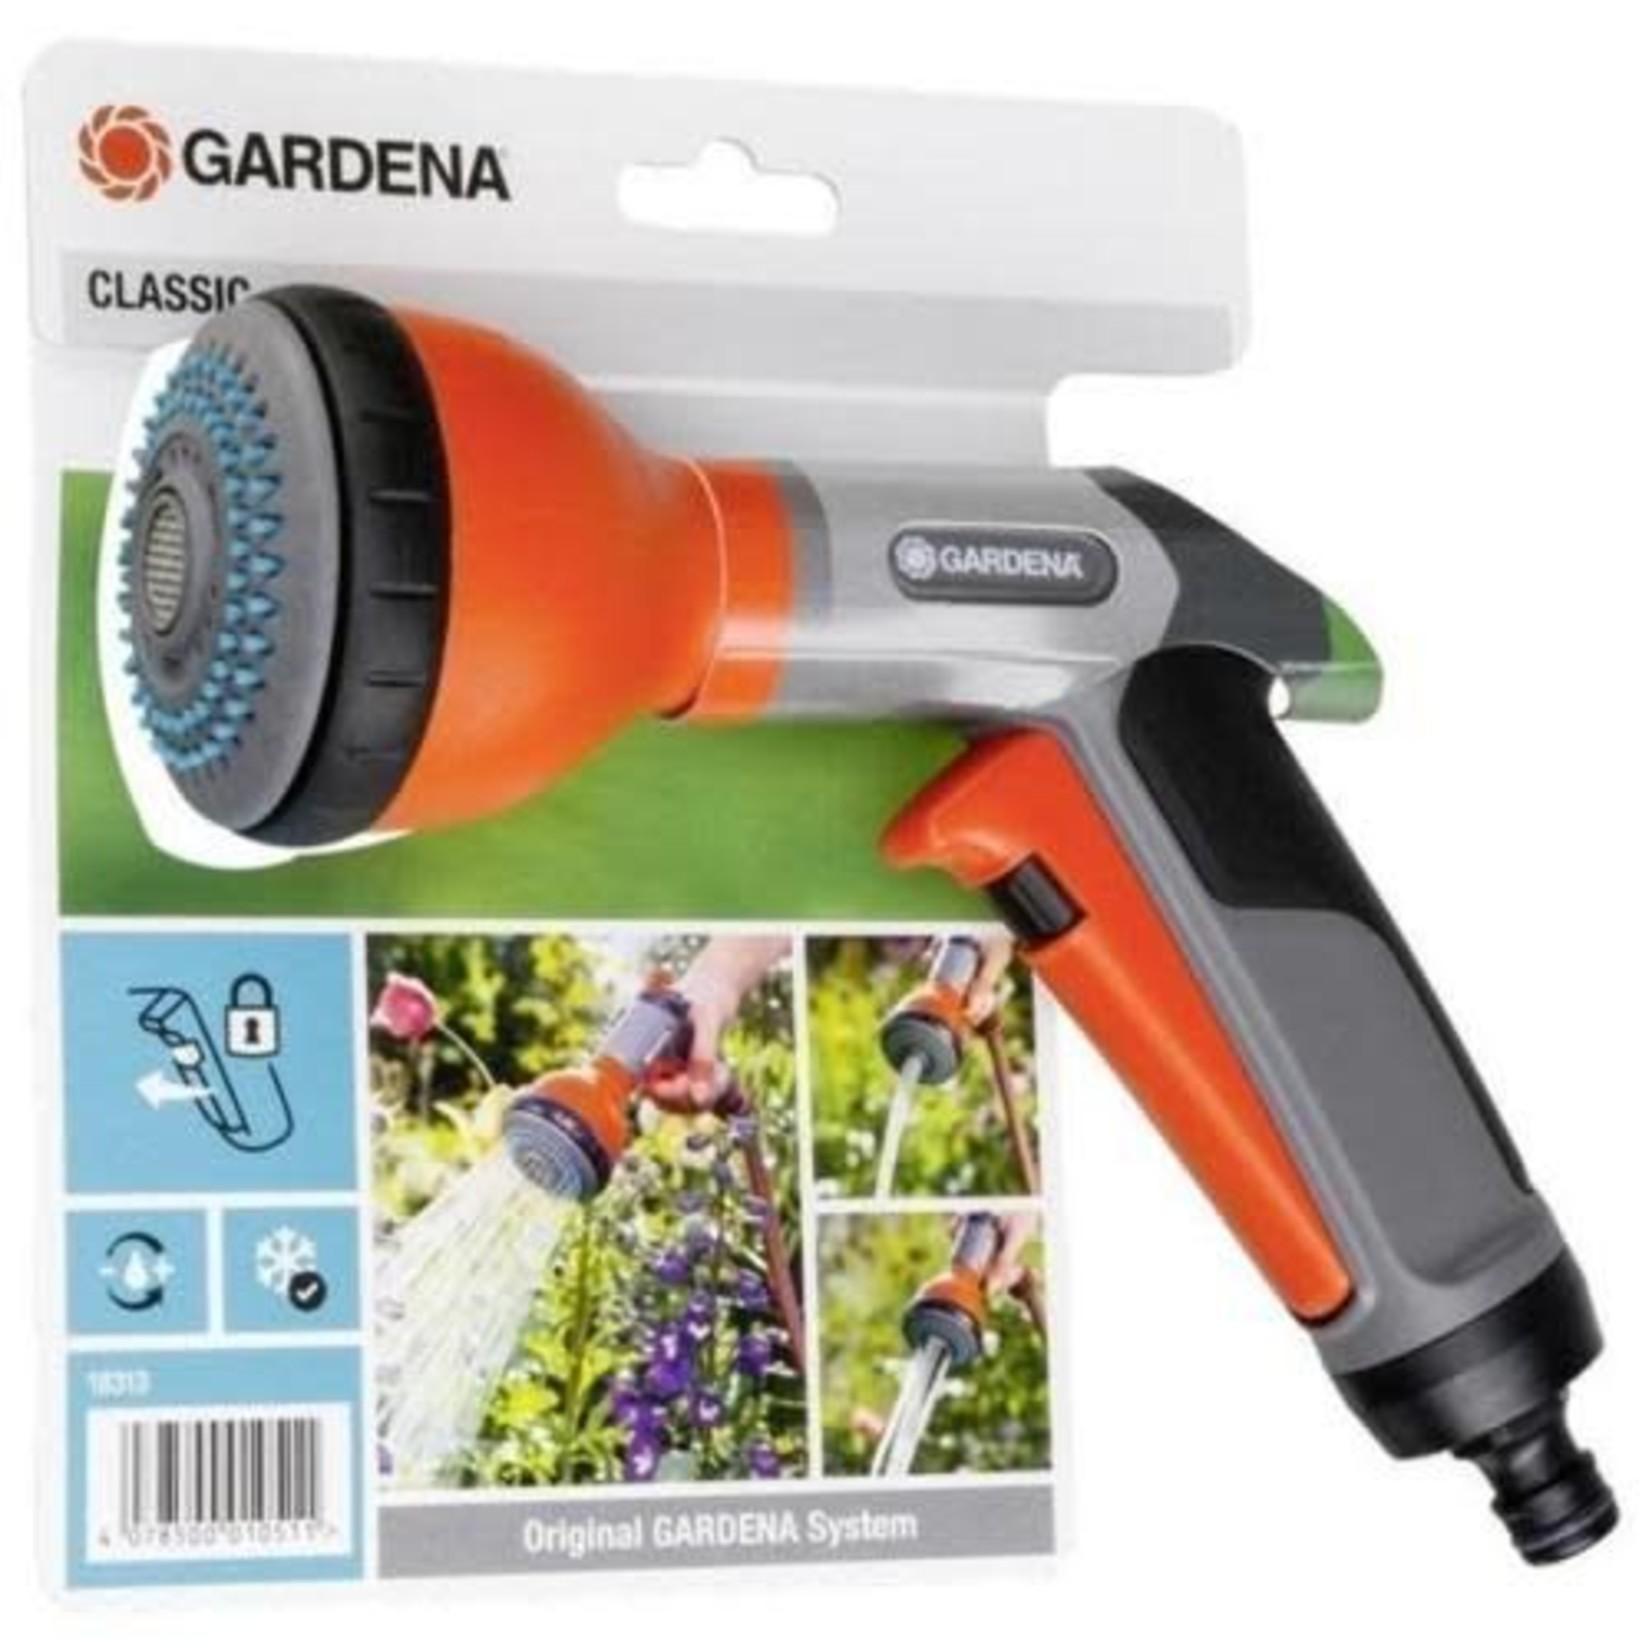 Gardena Gardena Classic Multi Sprayer